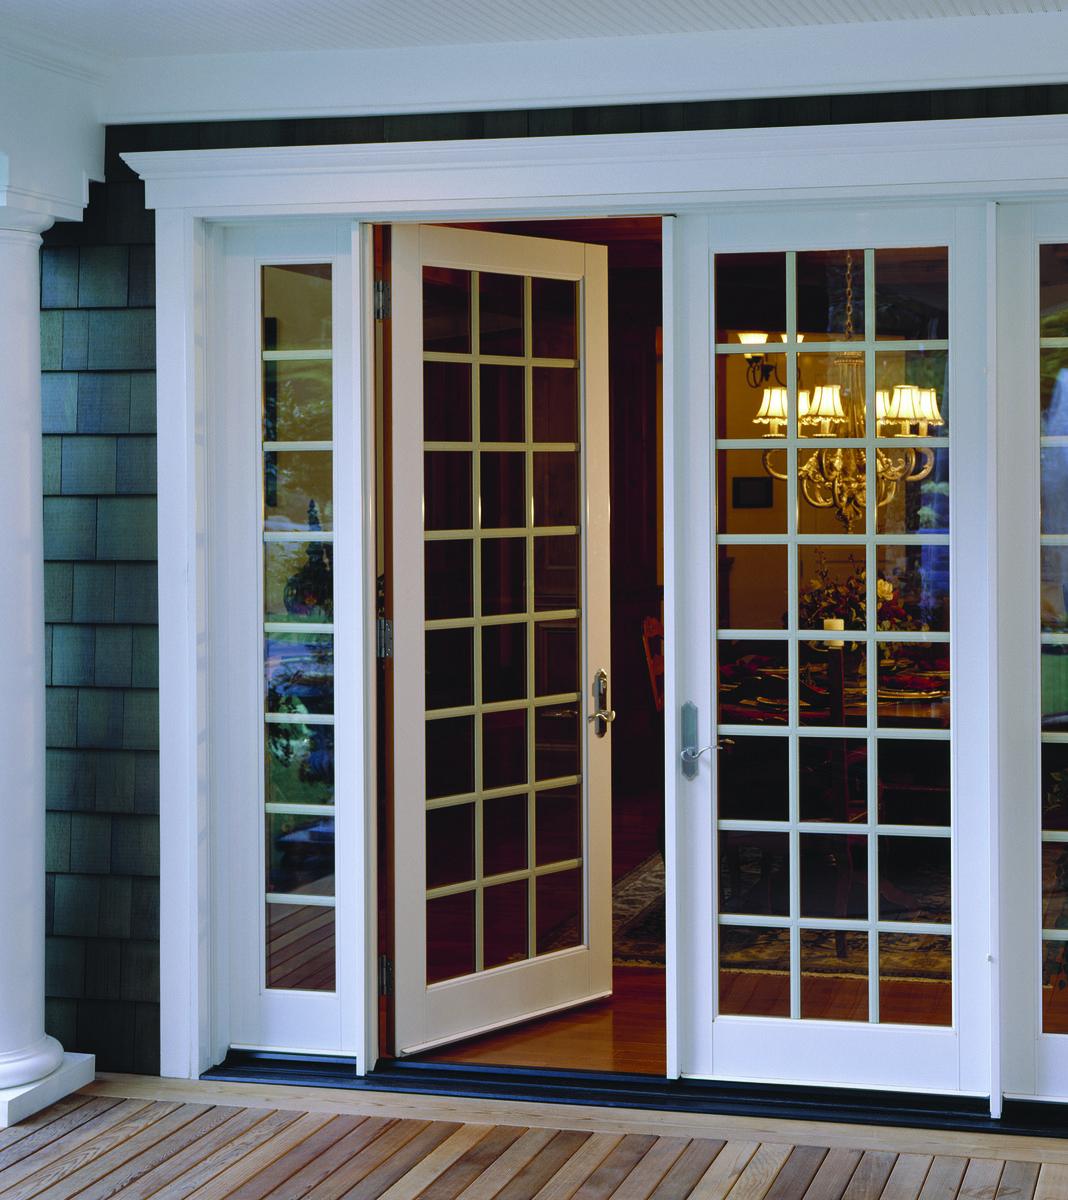 Pin By Poliana On Cozinha French Doors Exterior French Doors Interior French Doors